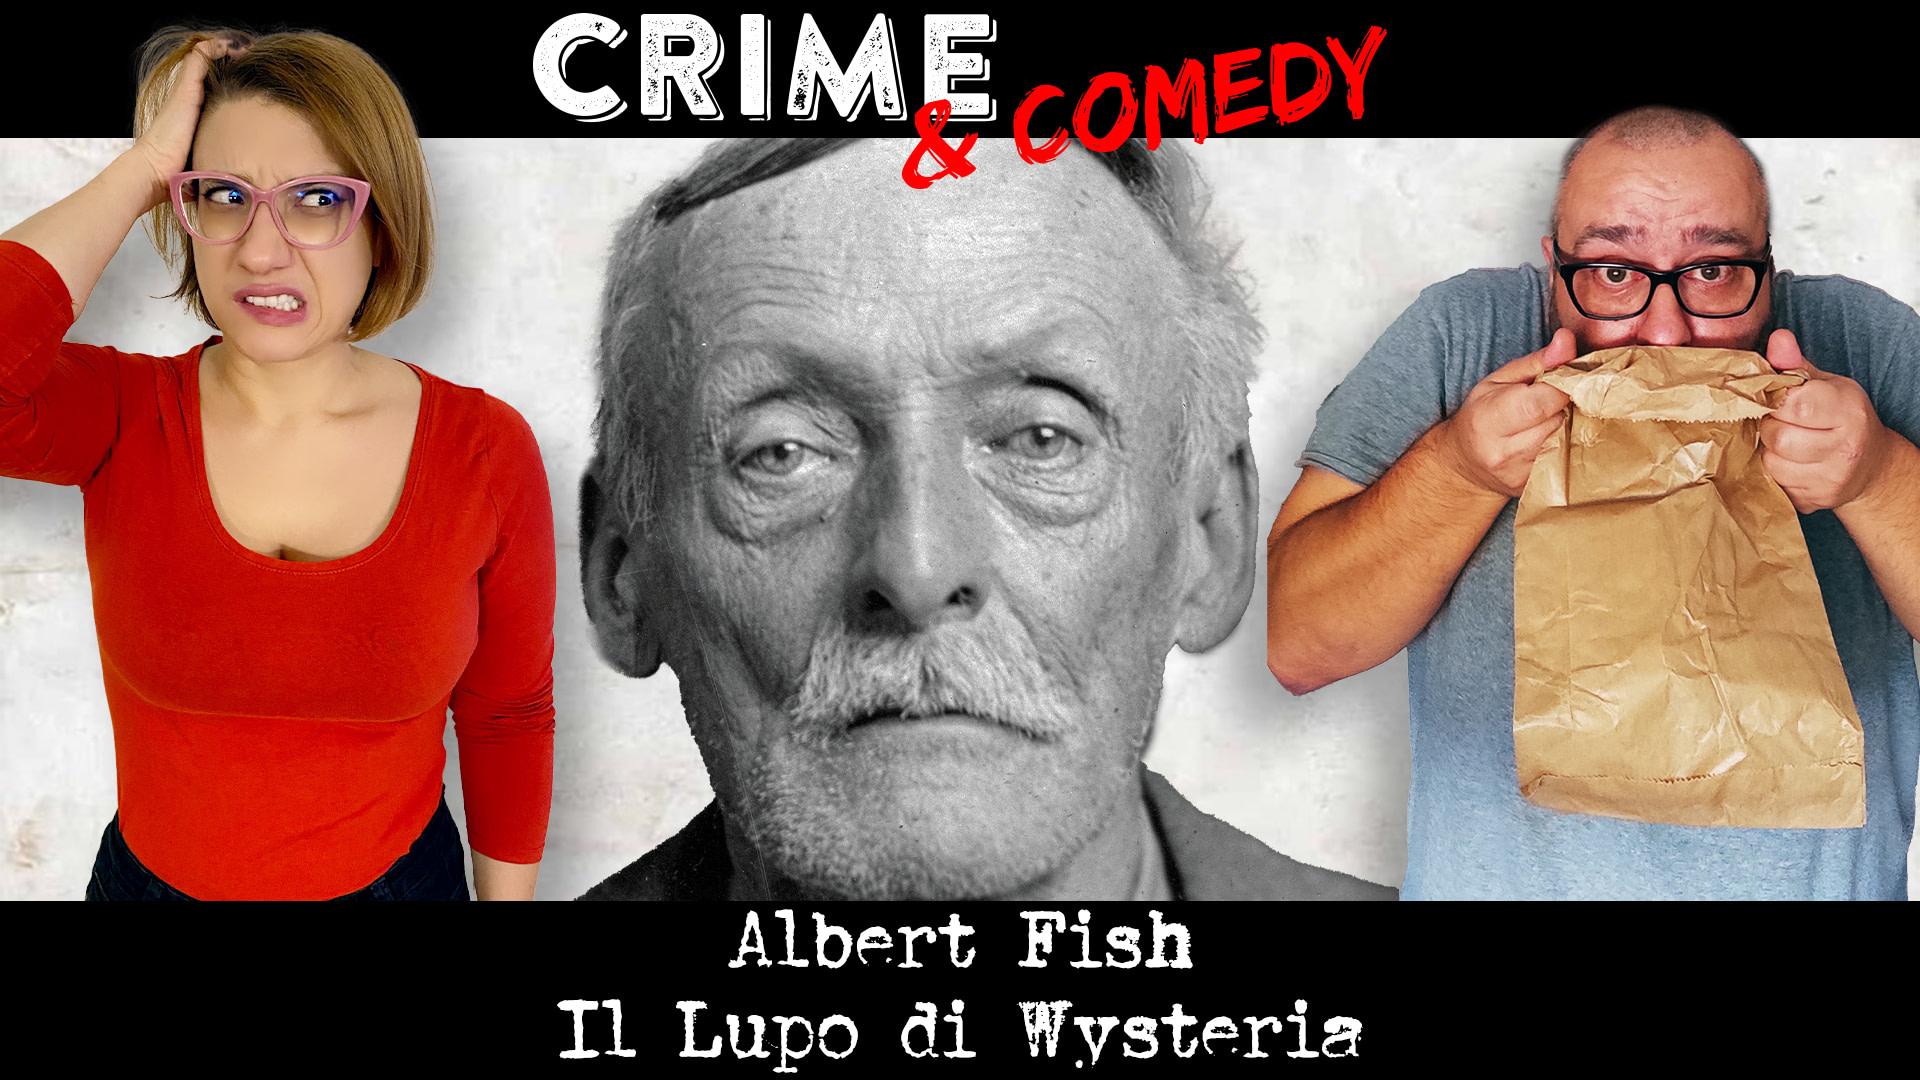 Albert Fish -Podcast - Il Lupo di Wysteria - Crime & Comedy Podcast